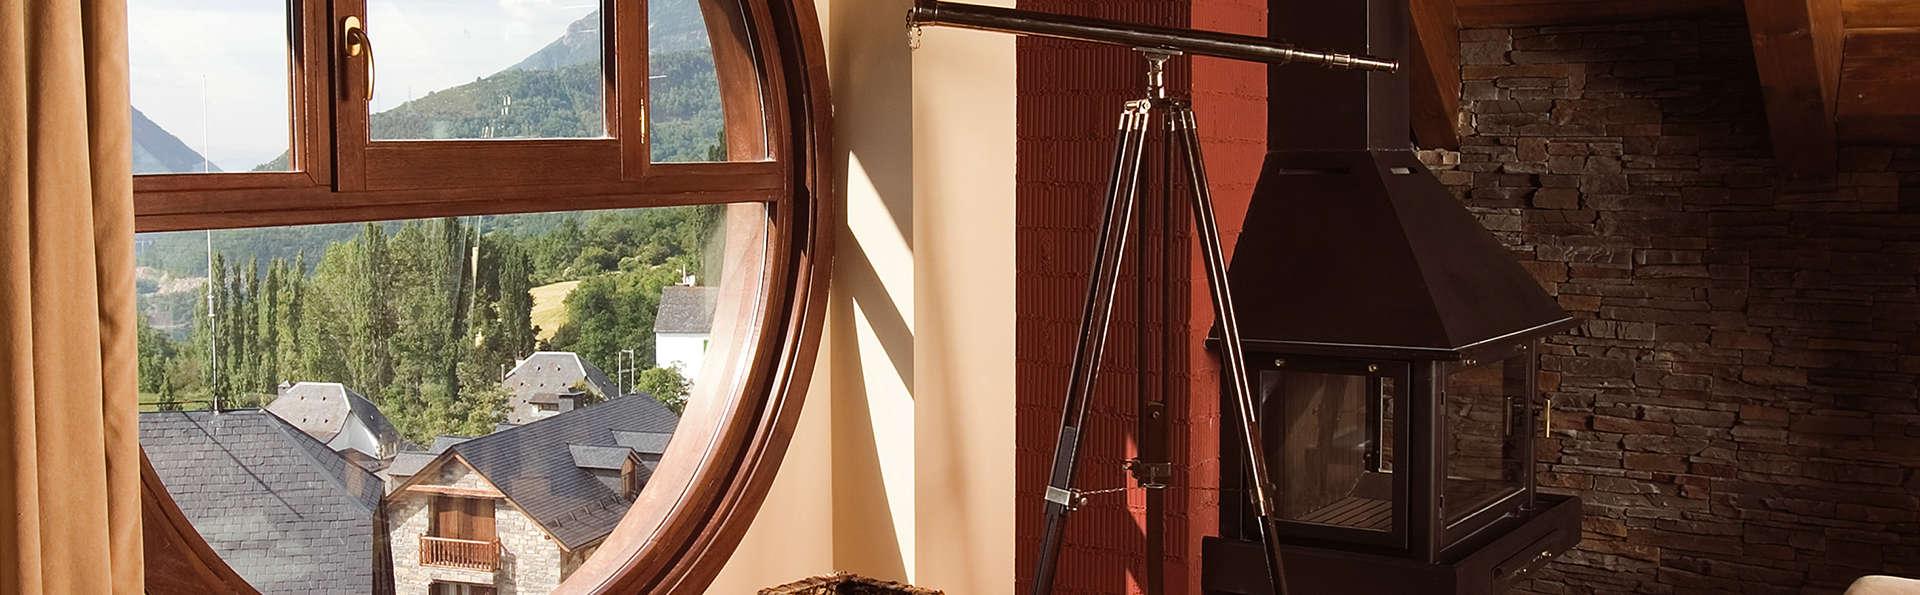 Hotel El Privilegio de Tena - Edit_Room5.jpg